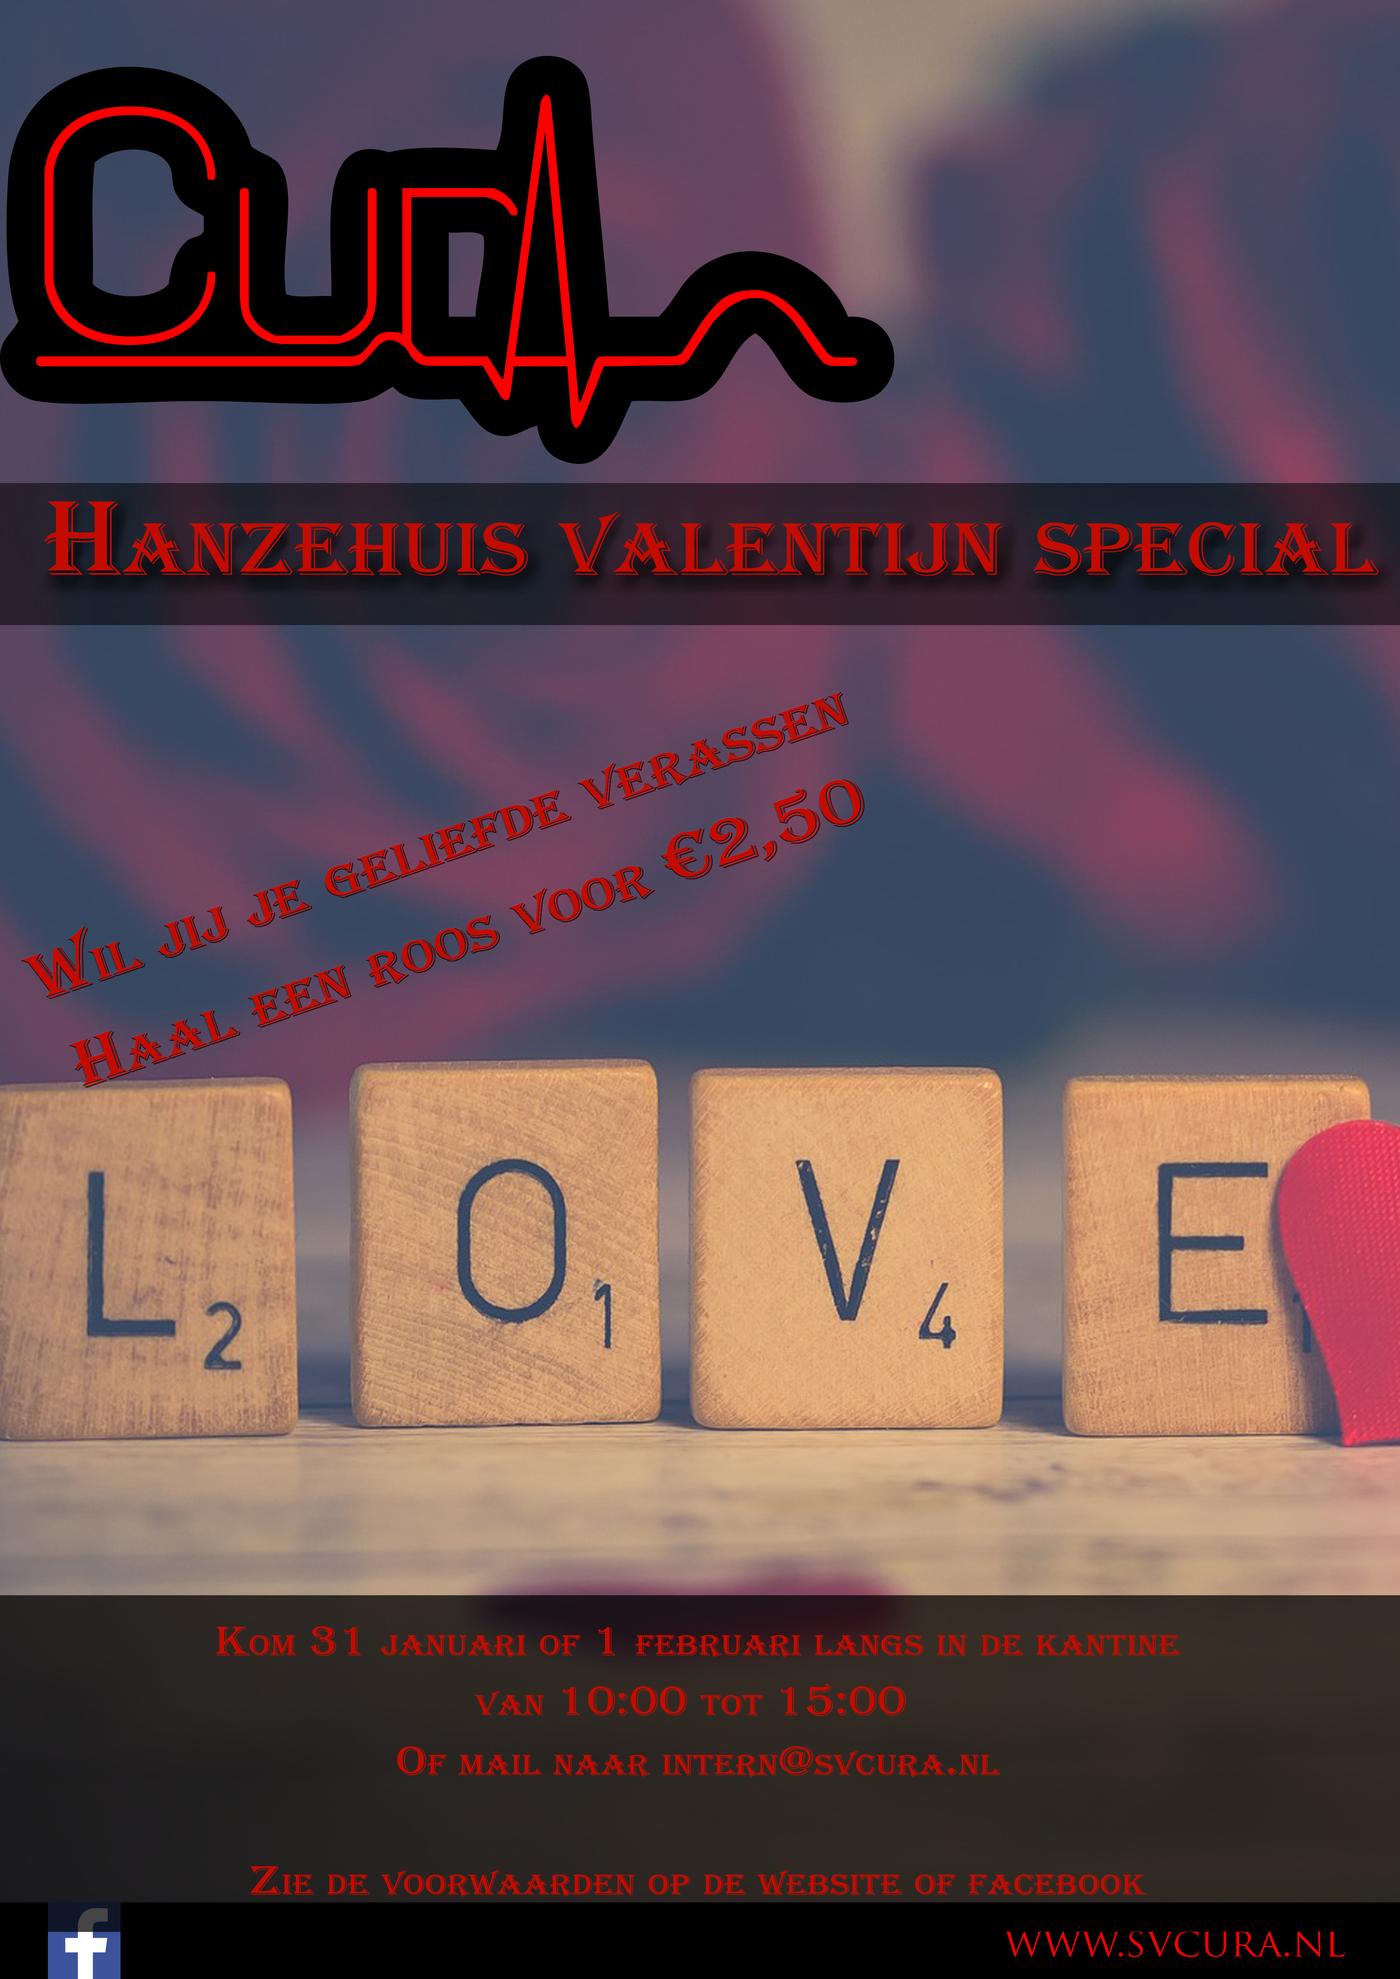 Hanzehuis Valentijn Special